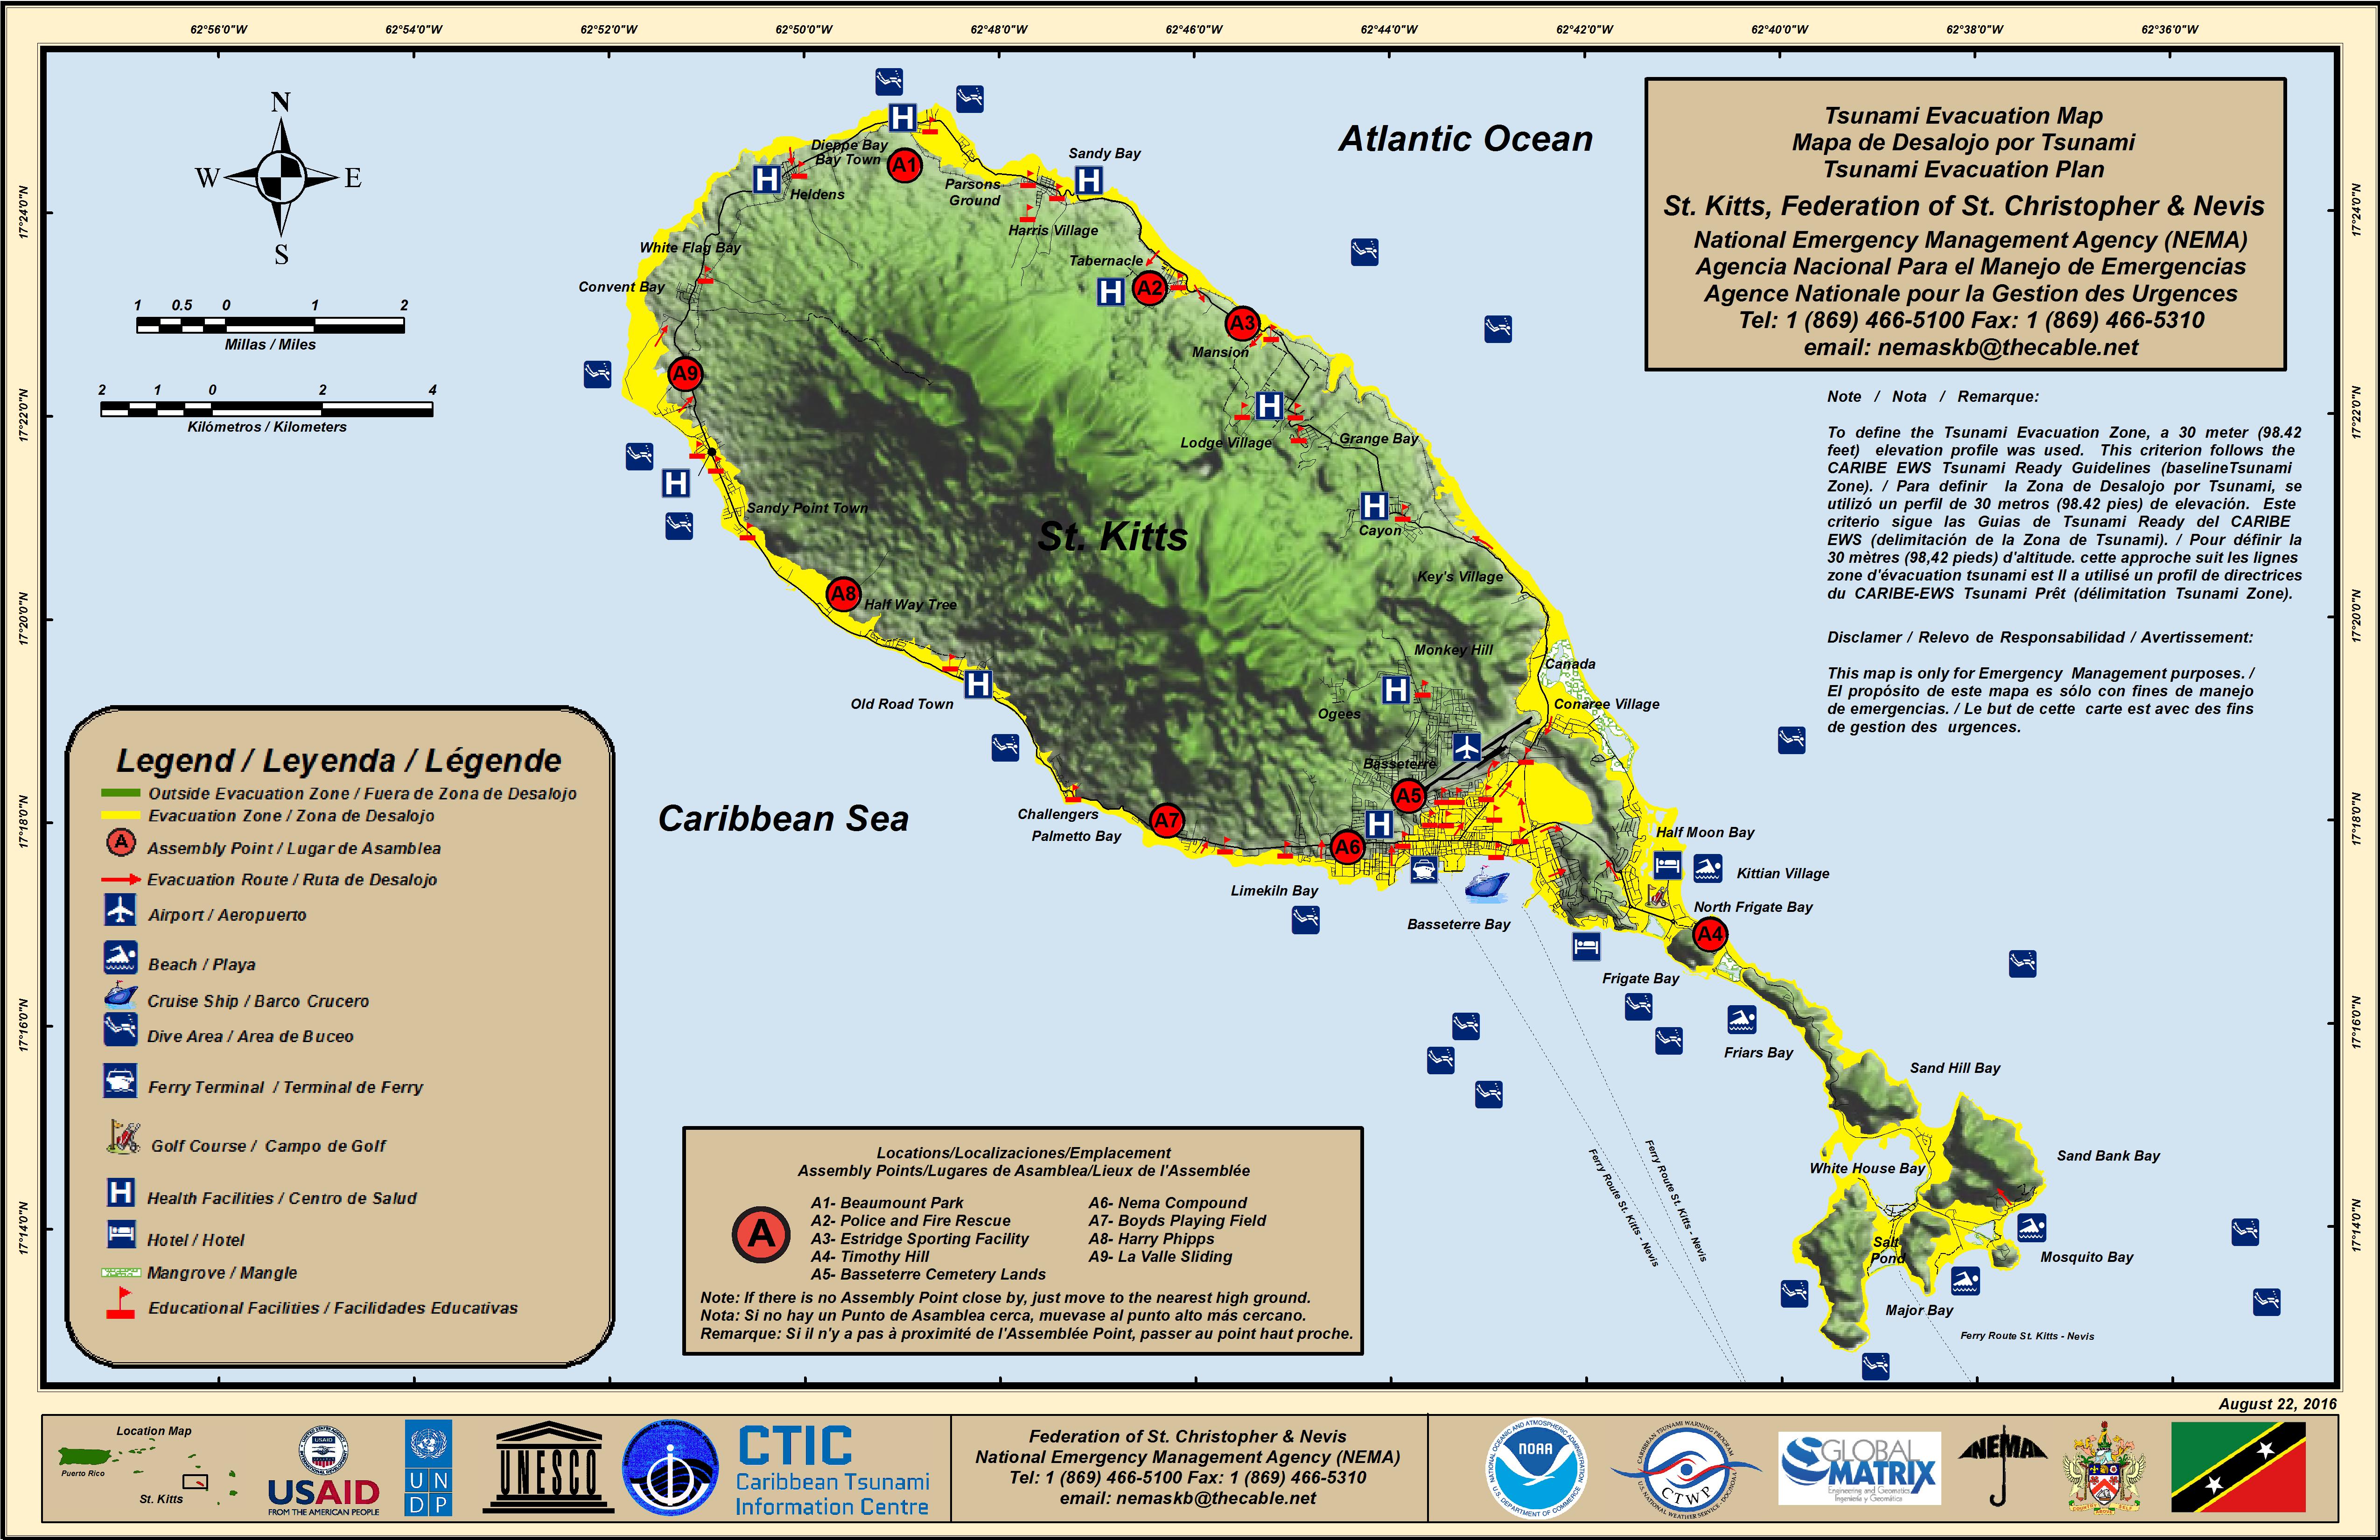 St. Kitts and Nevis Tsunami Evacuation Maps | Nema